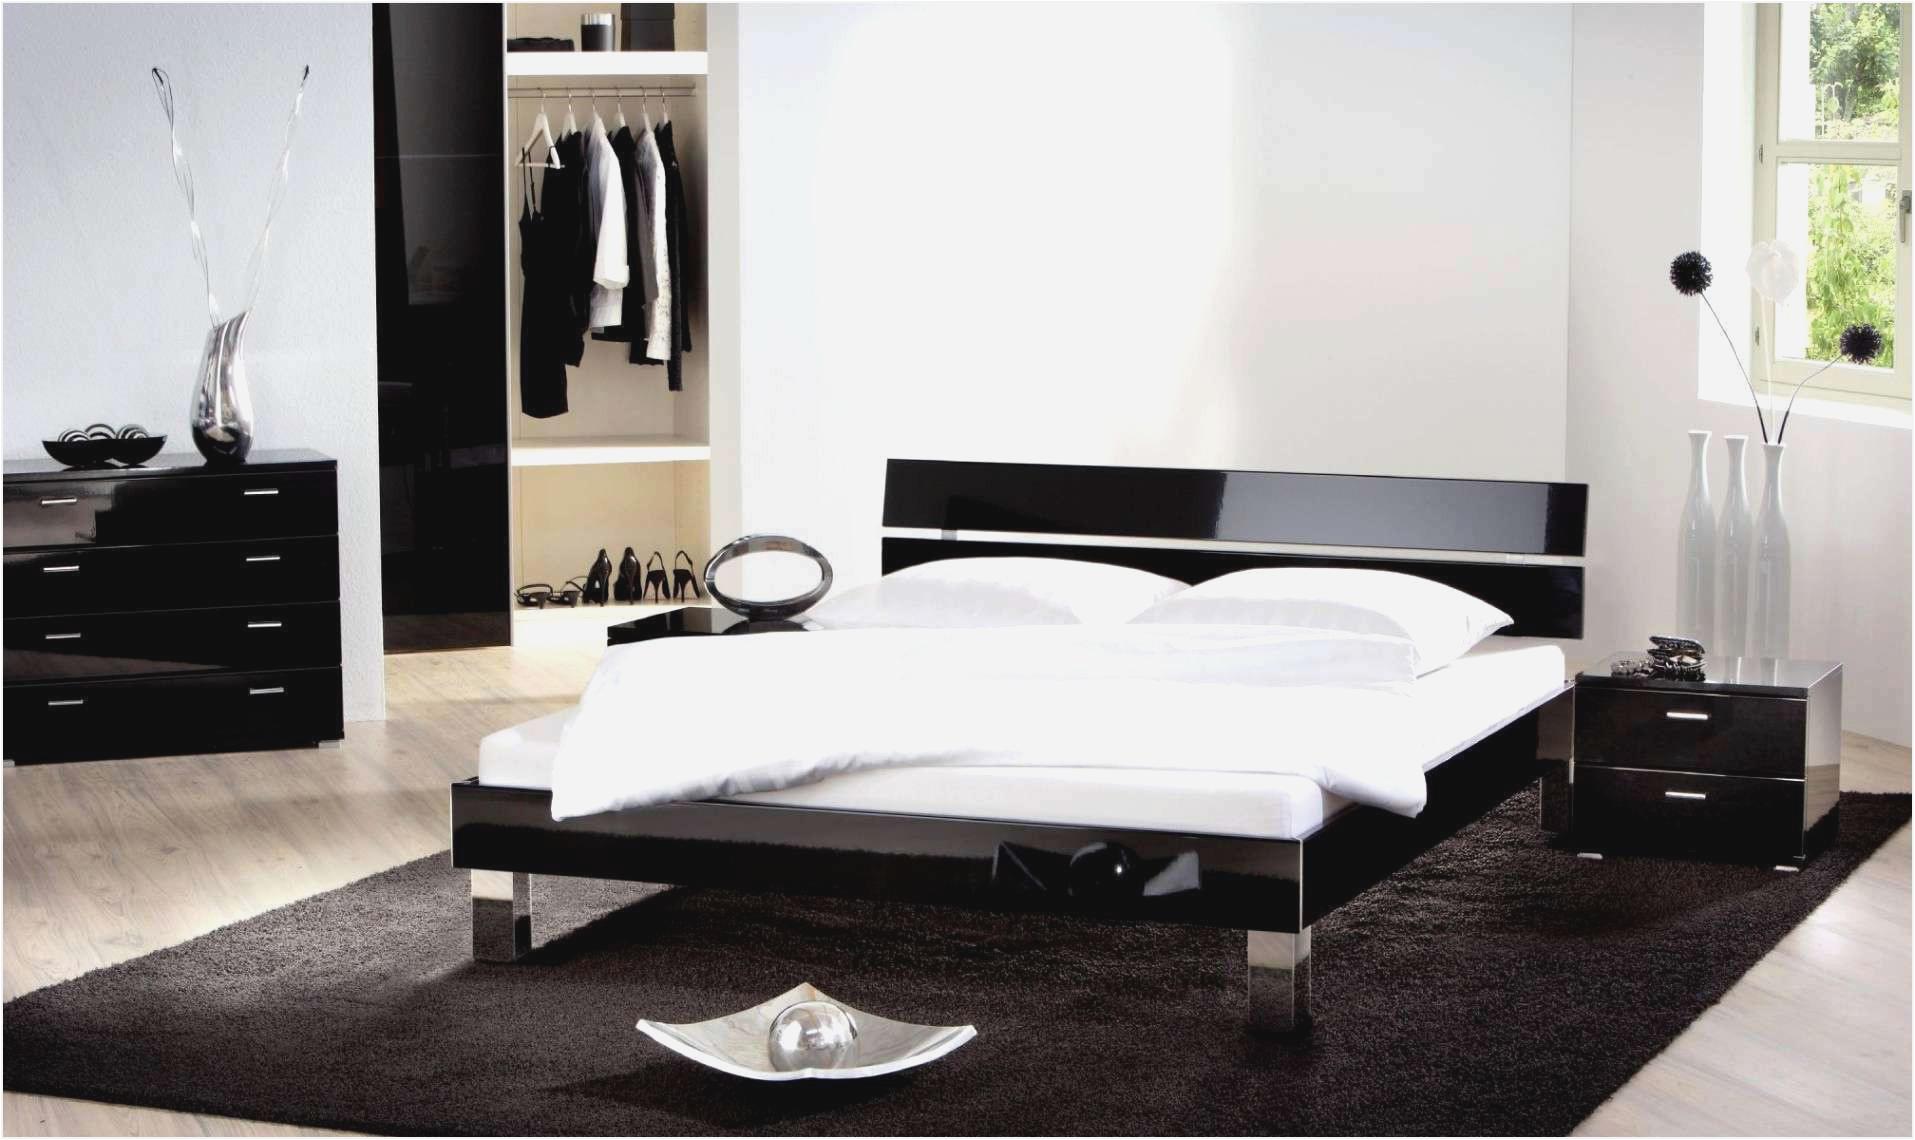 moderne schlafzimmer dekorieren of moderne schlafzimmer dekorieren